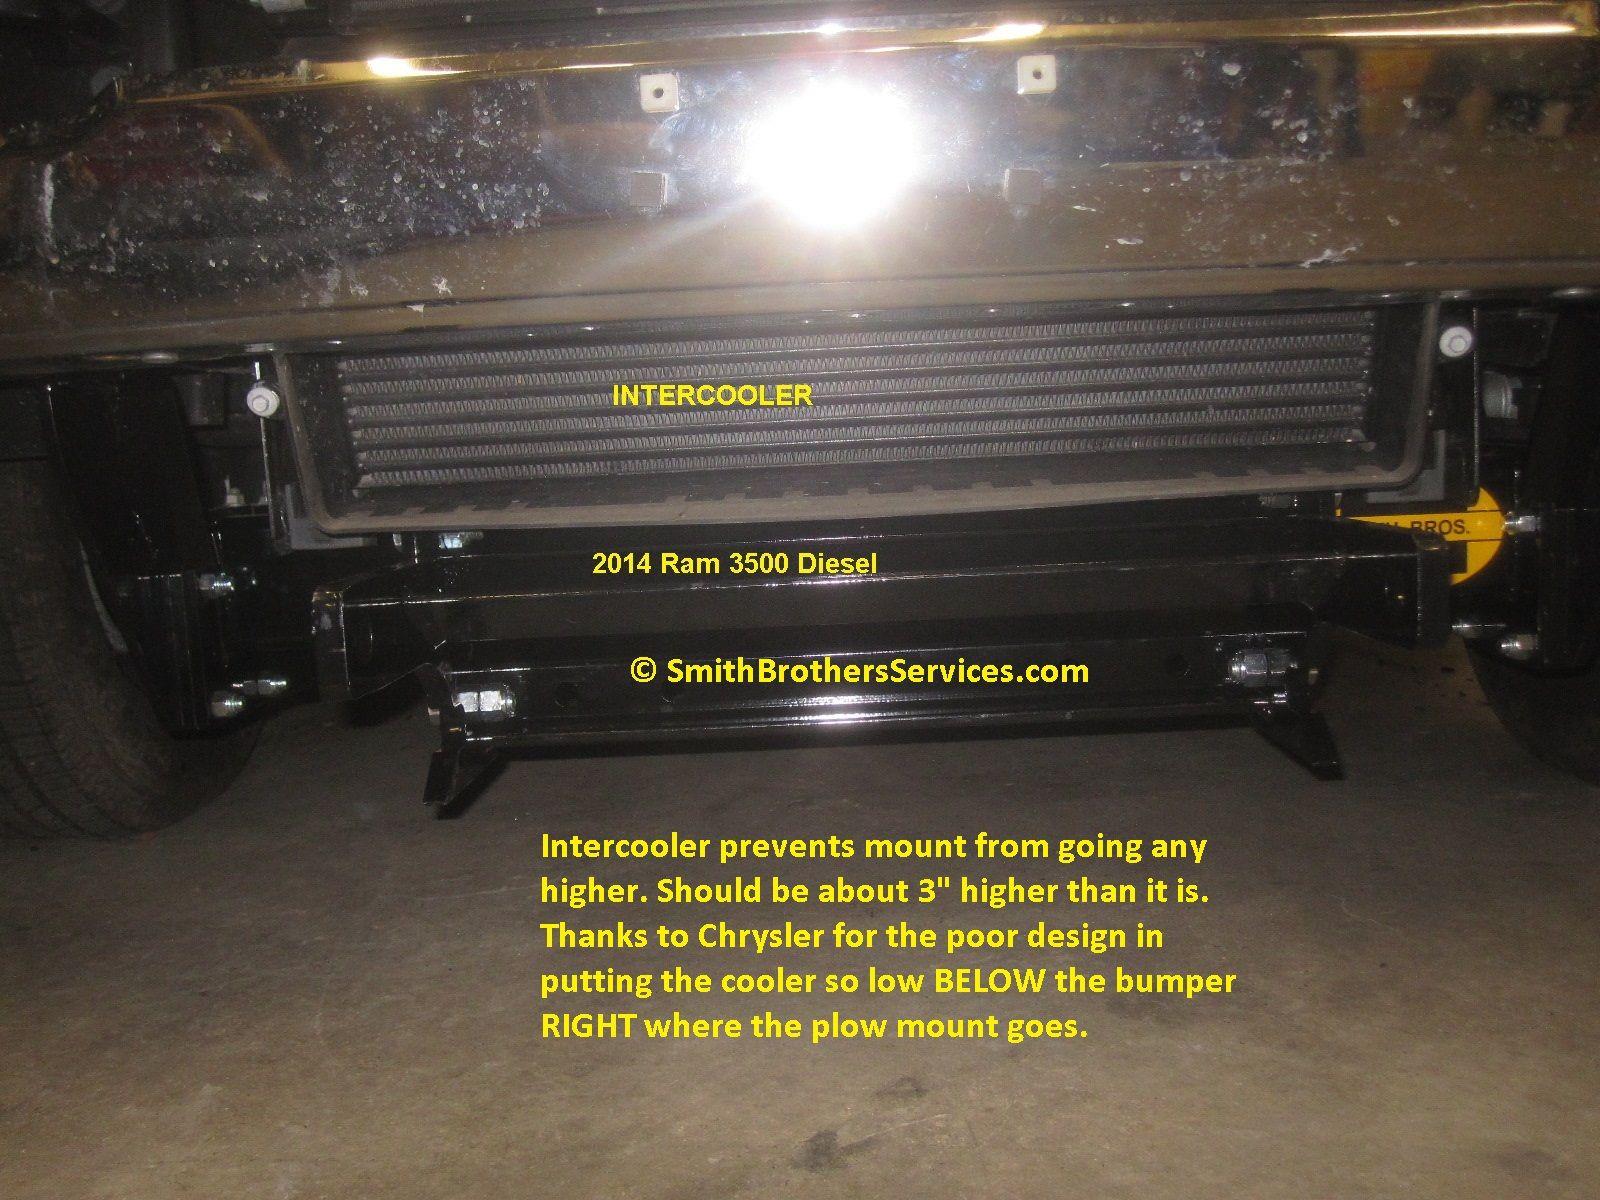 2014 Ram 3500 Diesel Dodge Put The Intercooler So Low It Is In The Way Of The Plow Mount Ram 3500 Diesel Ram 3500 Snow Plow